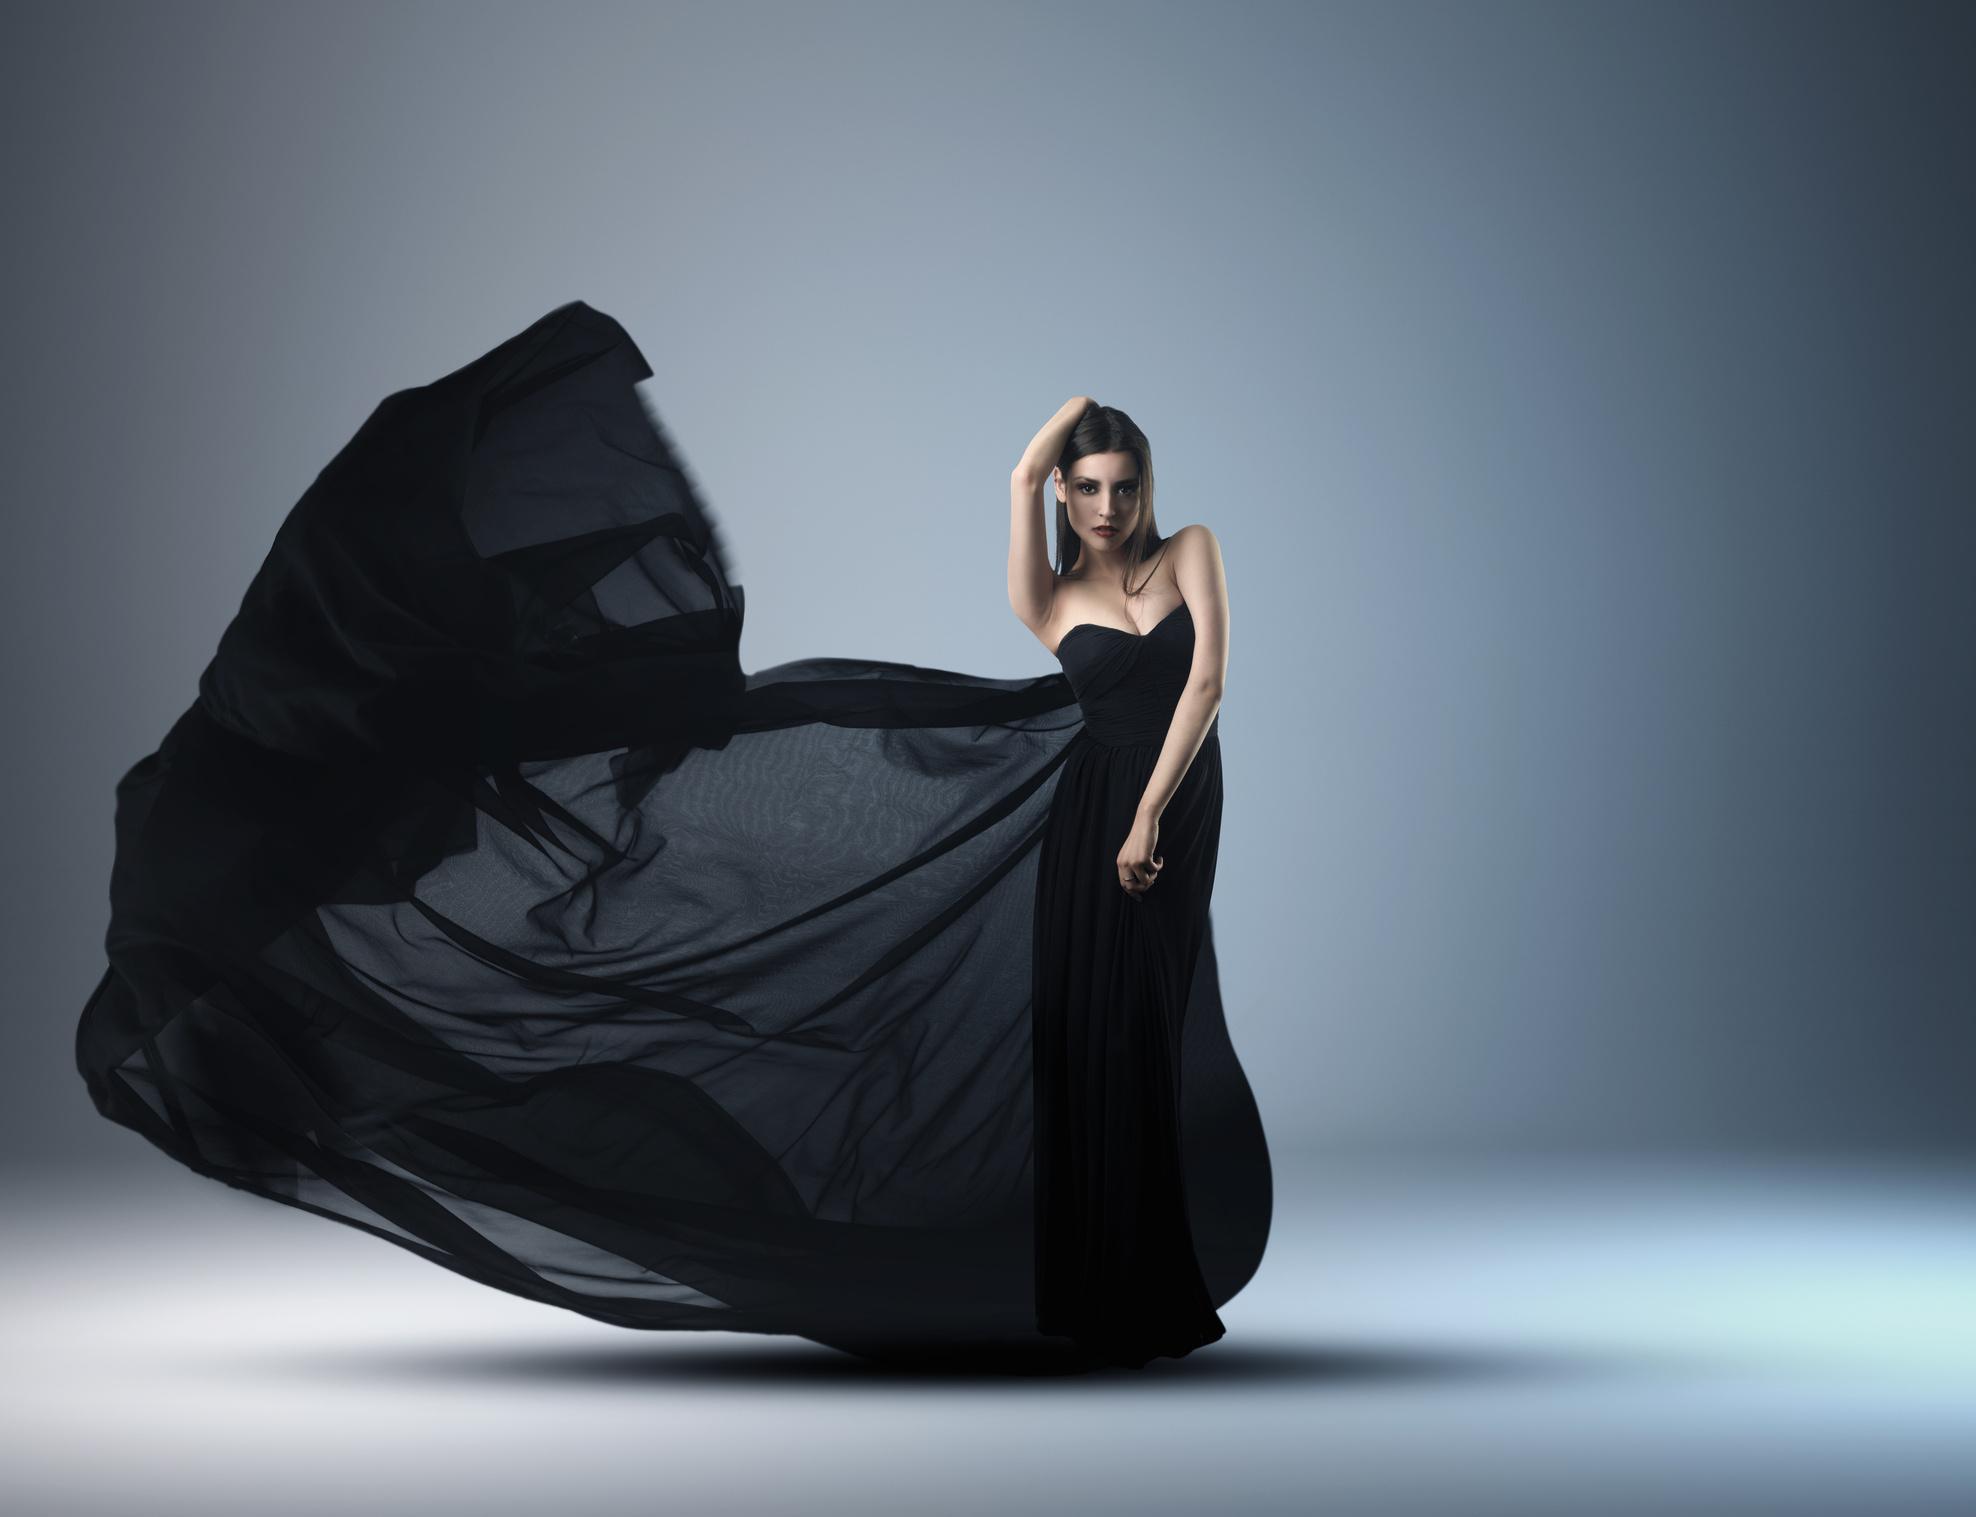 Во сне мне снилась чёрная одежда